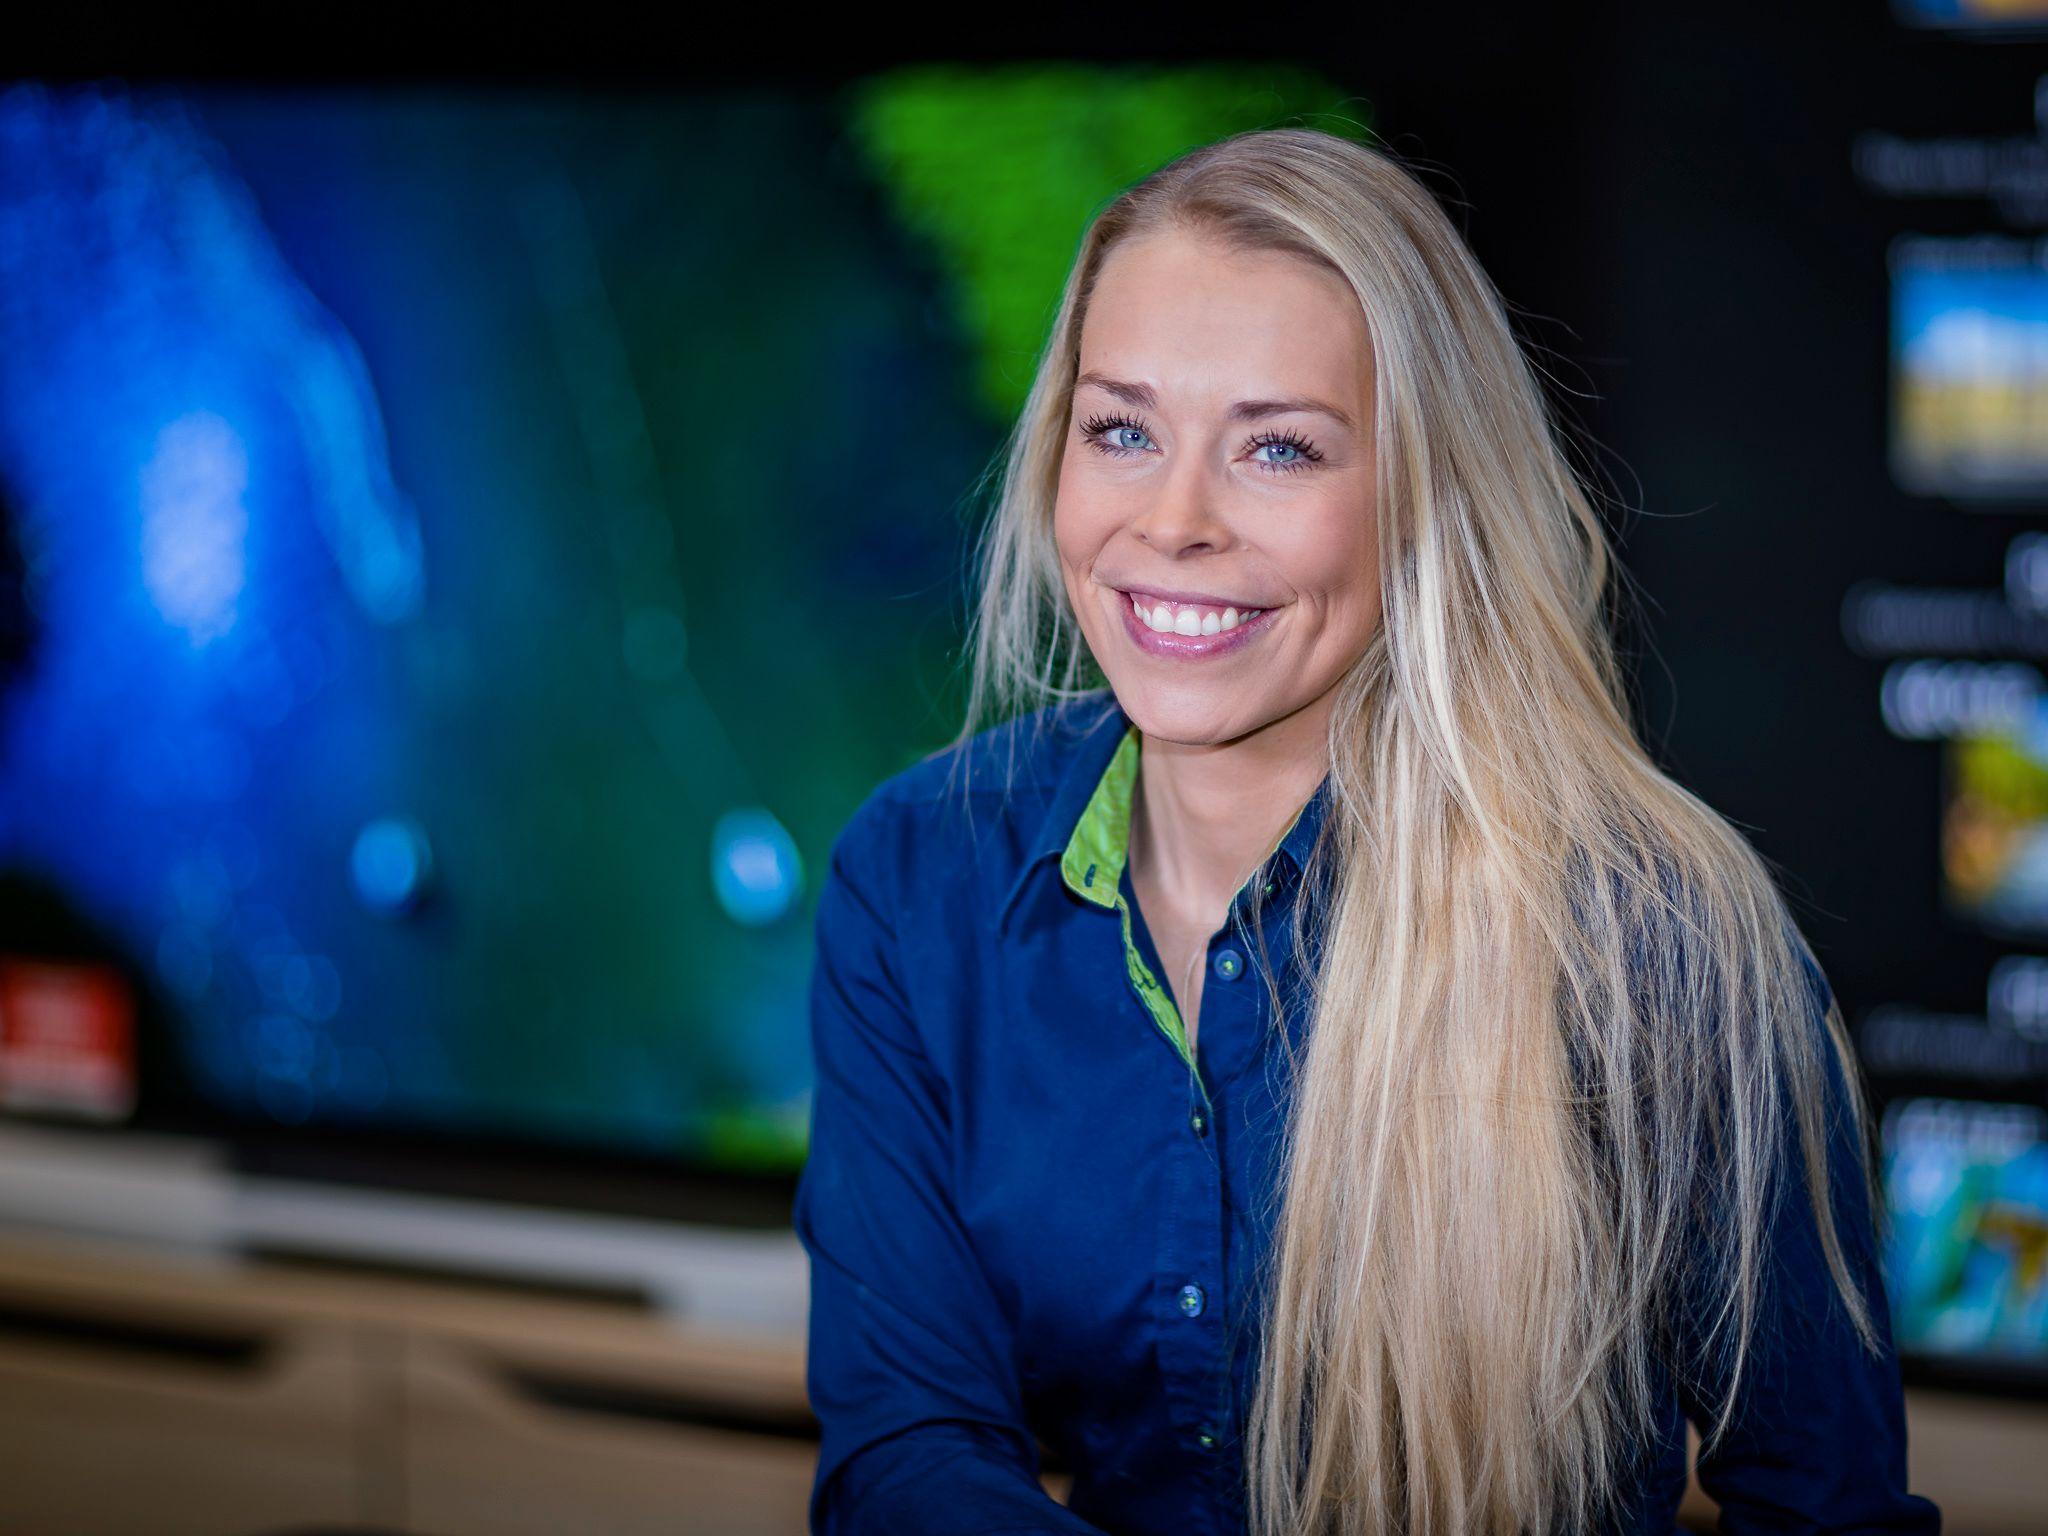 kommunikasjonssjef Madeleine Schøyen Bergly sier de ikke ser tegn til svikt i deres sikkerhetssystemer.